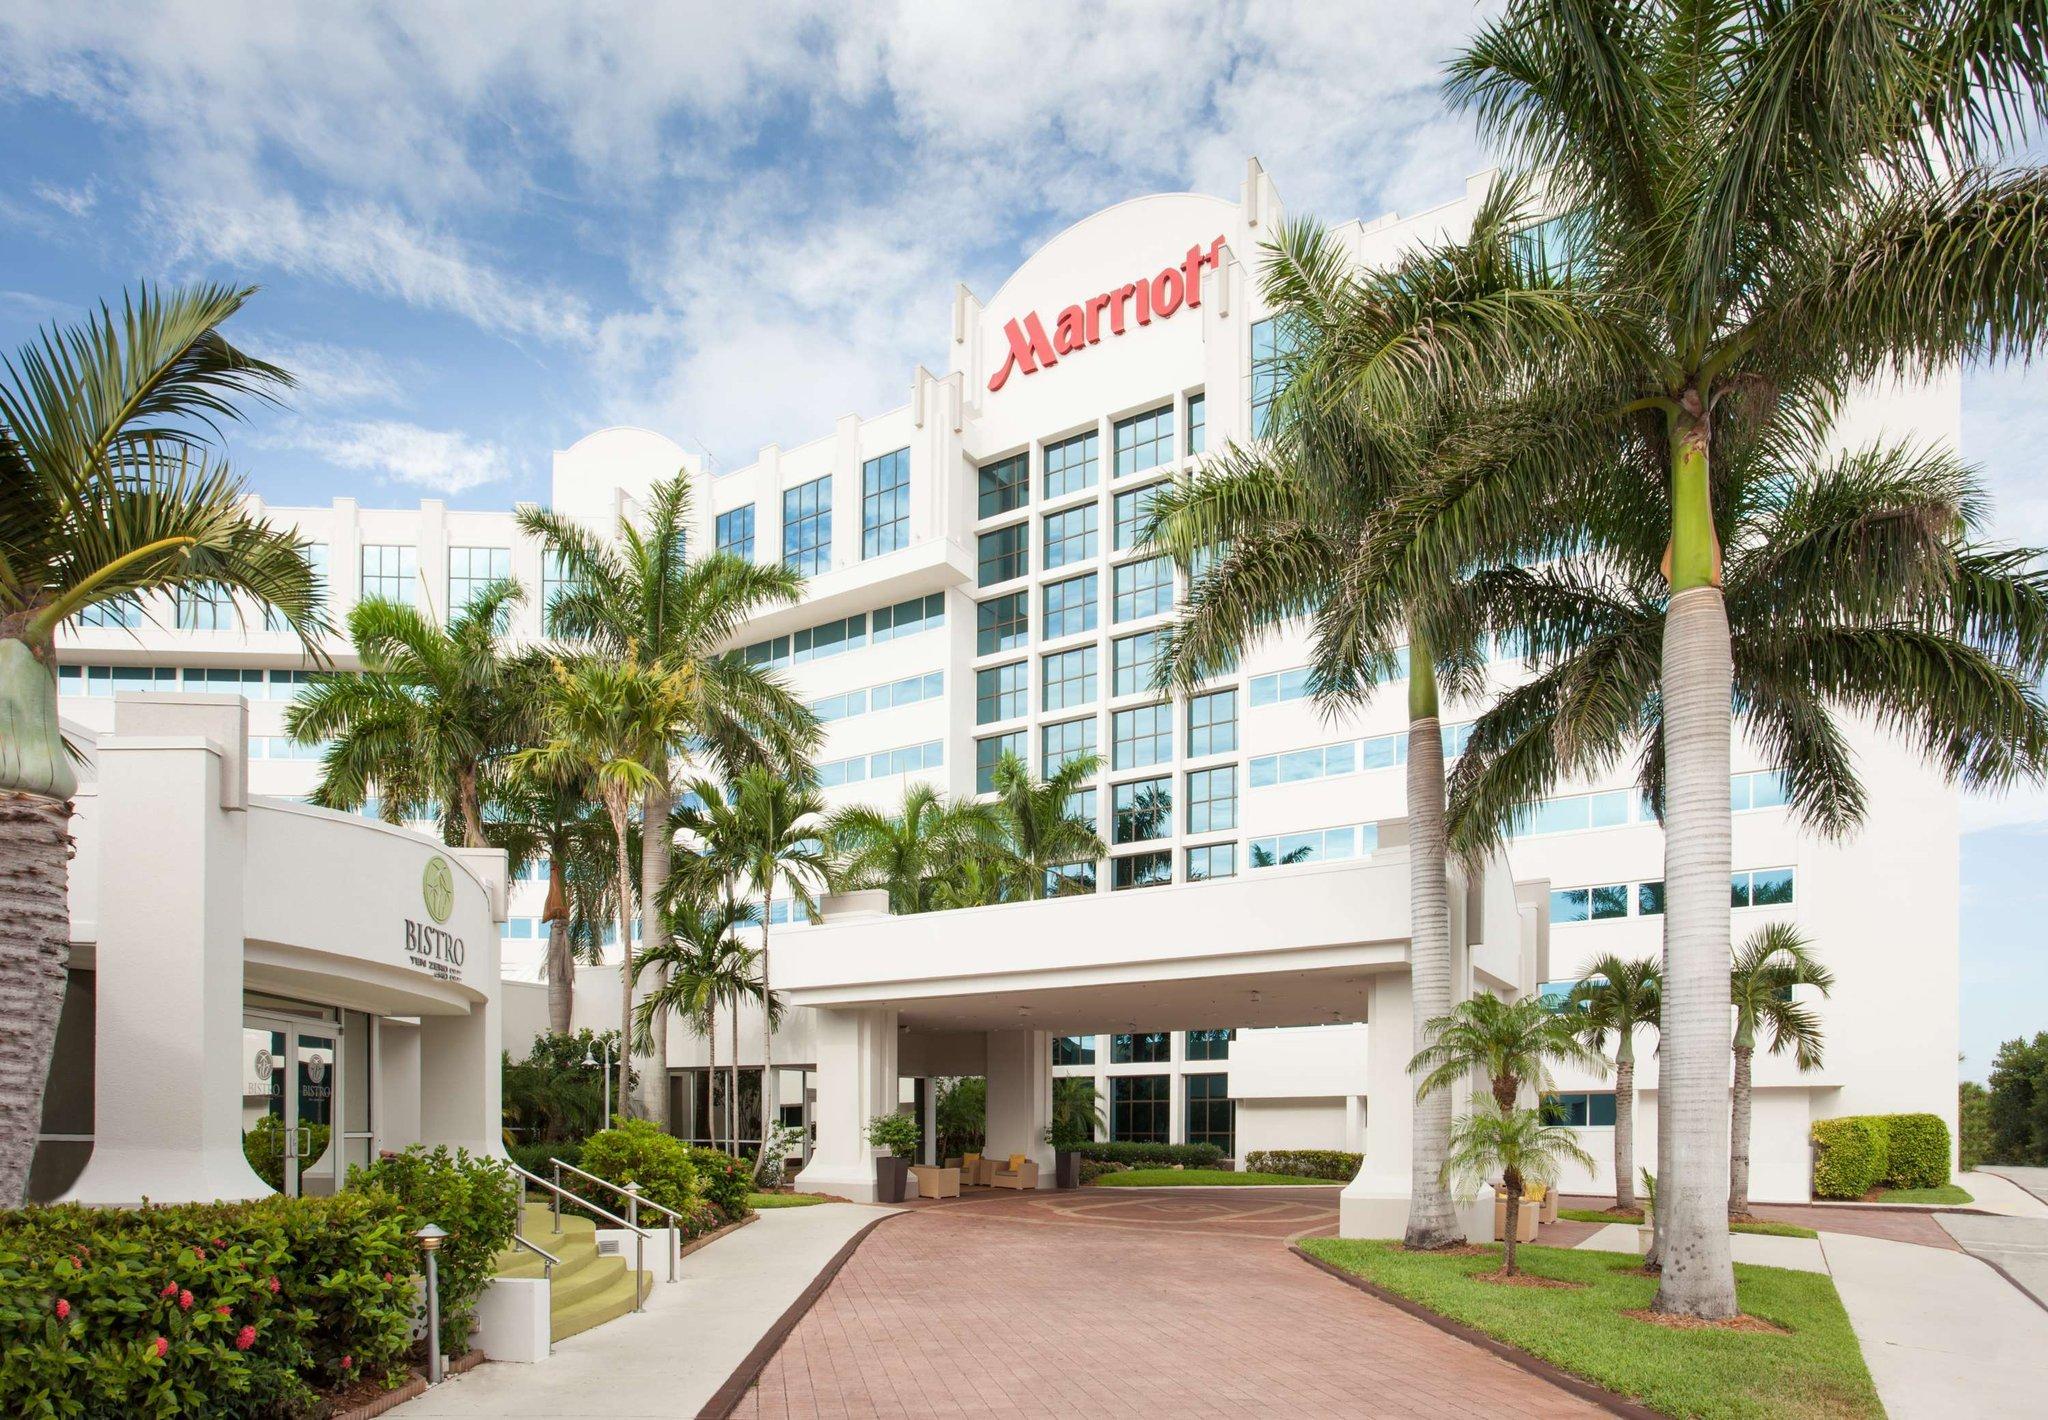 西棕櫚灘萬豪飯店